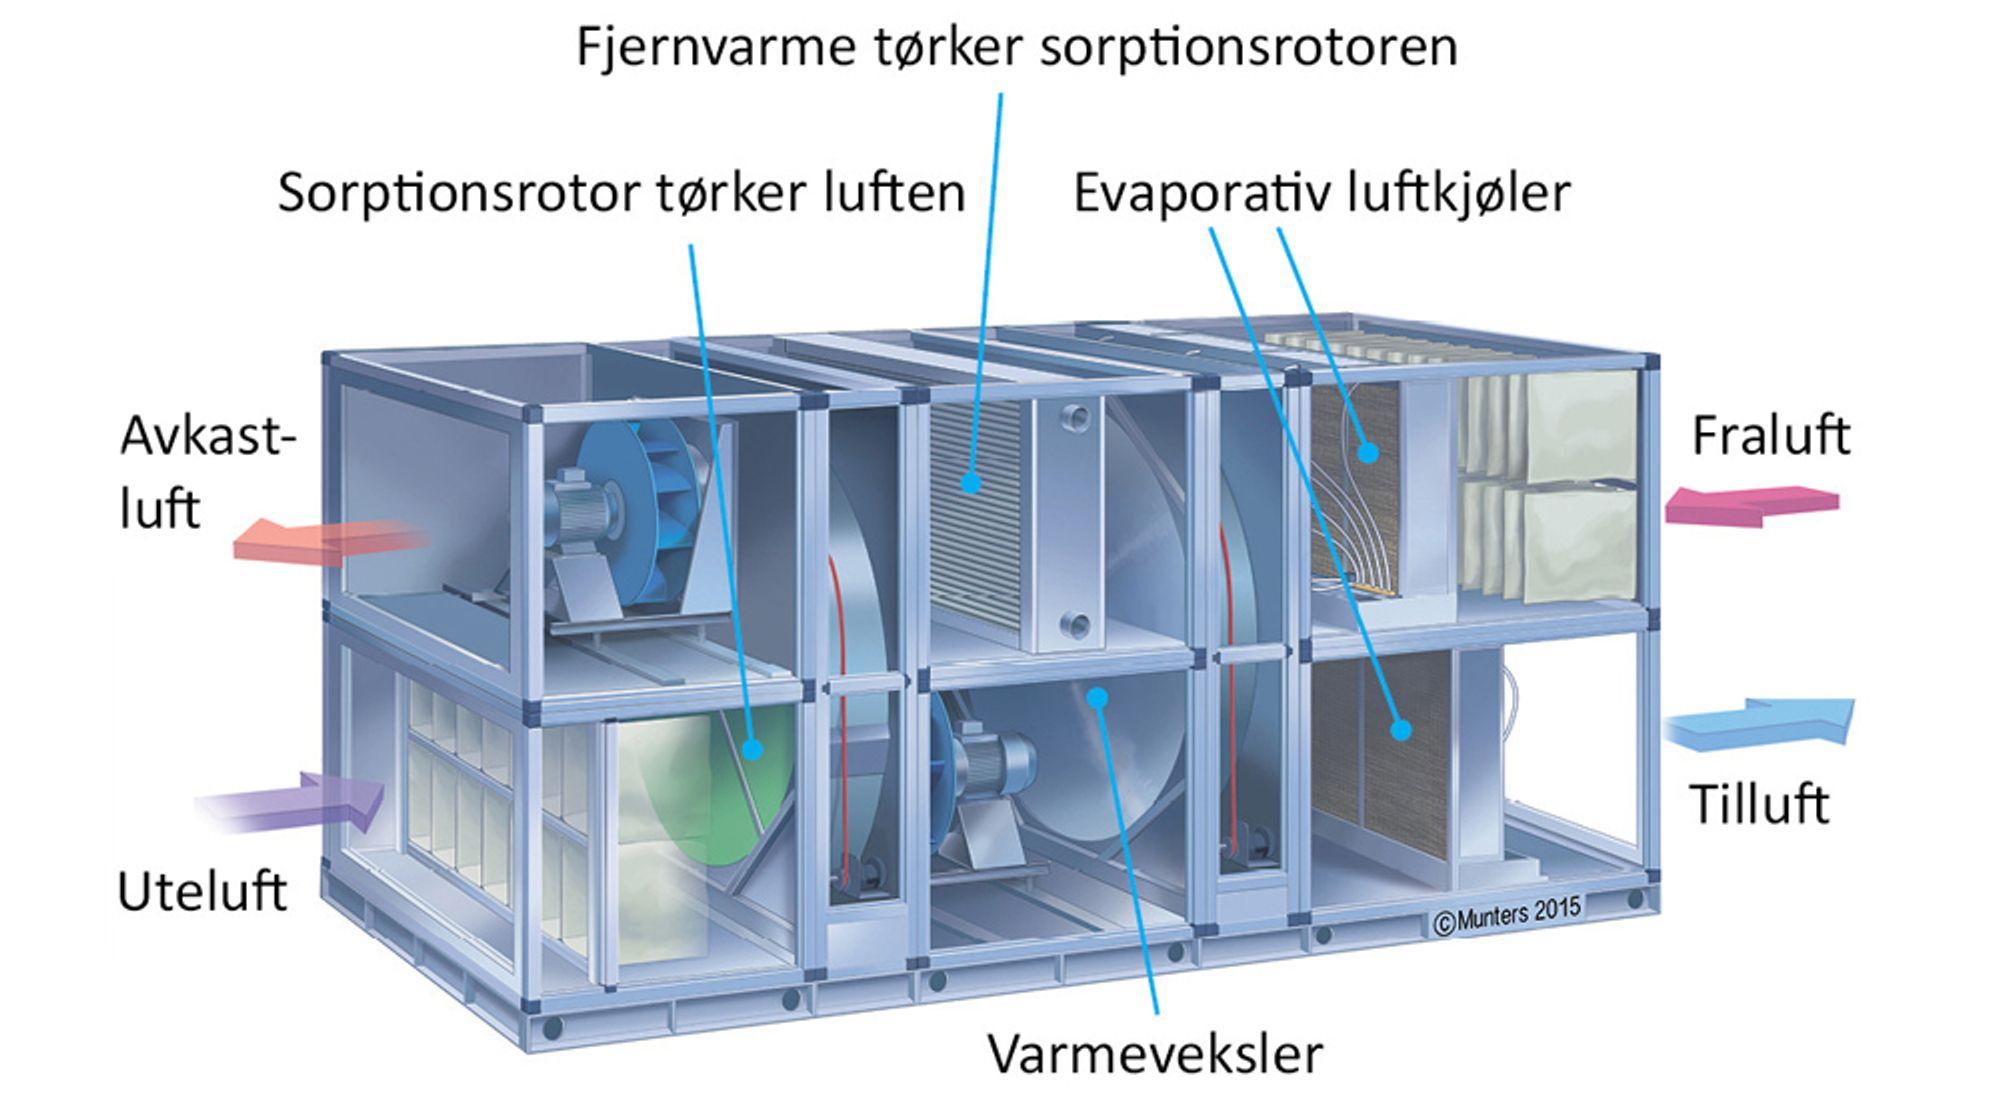 Sorptiv kjøling fungerer ved at uteluften renses, og så tørkes i en varmegjenvinner. Uteluften avgir så varme til avtrekksluft i en varmegjenvinner. Deretter kjøles uteluften ned ved hjelp av vannmolekyler. (Foto: Munters)